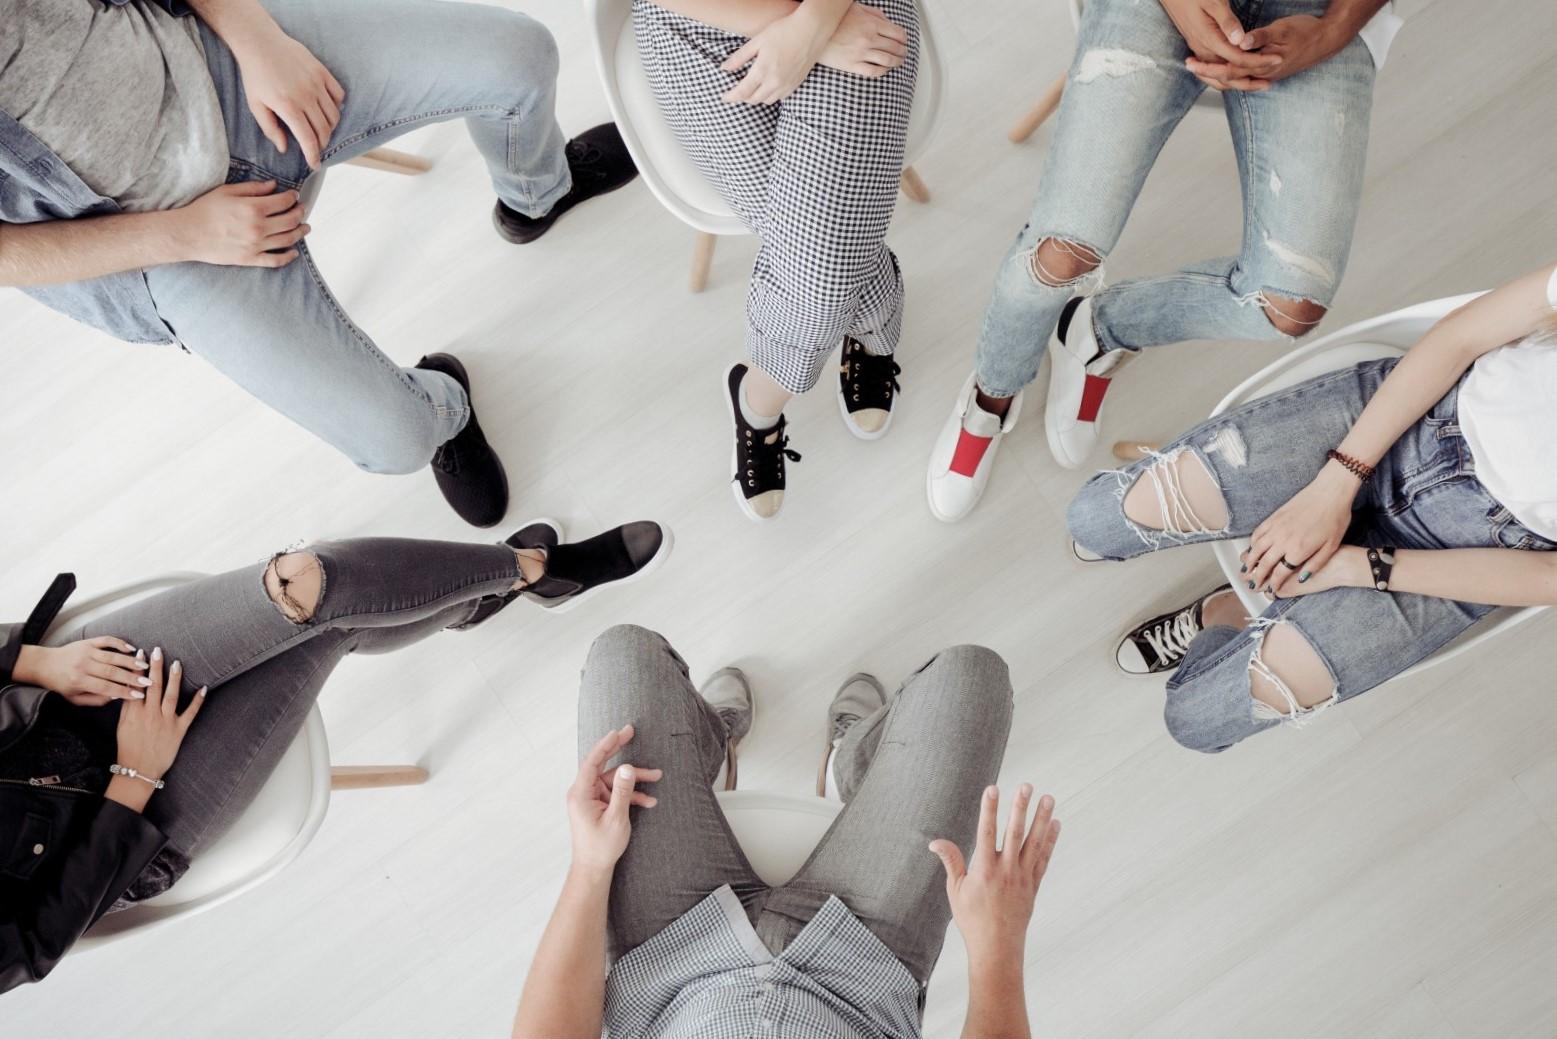 centros de desintoxicación en la comunidad valenciana - reunion grupal